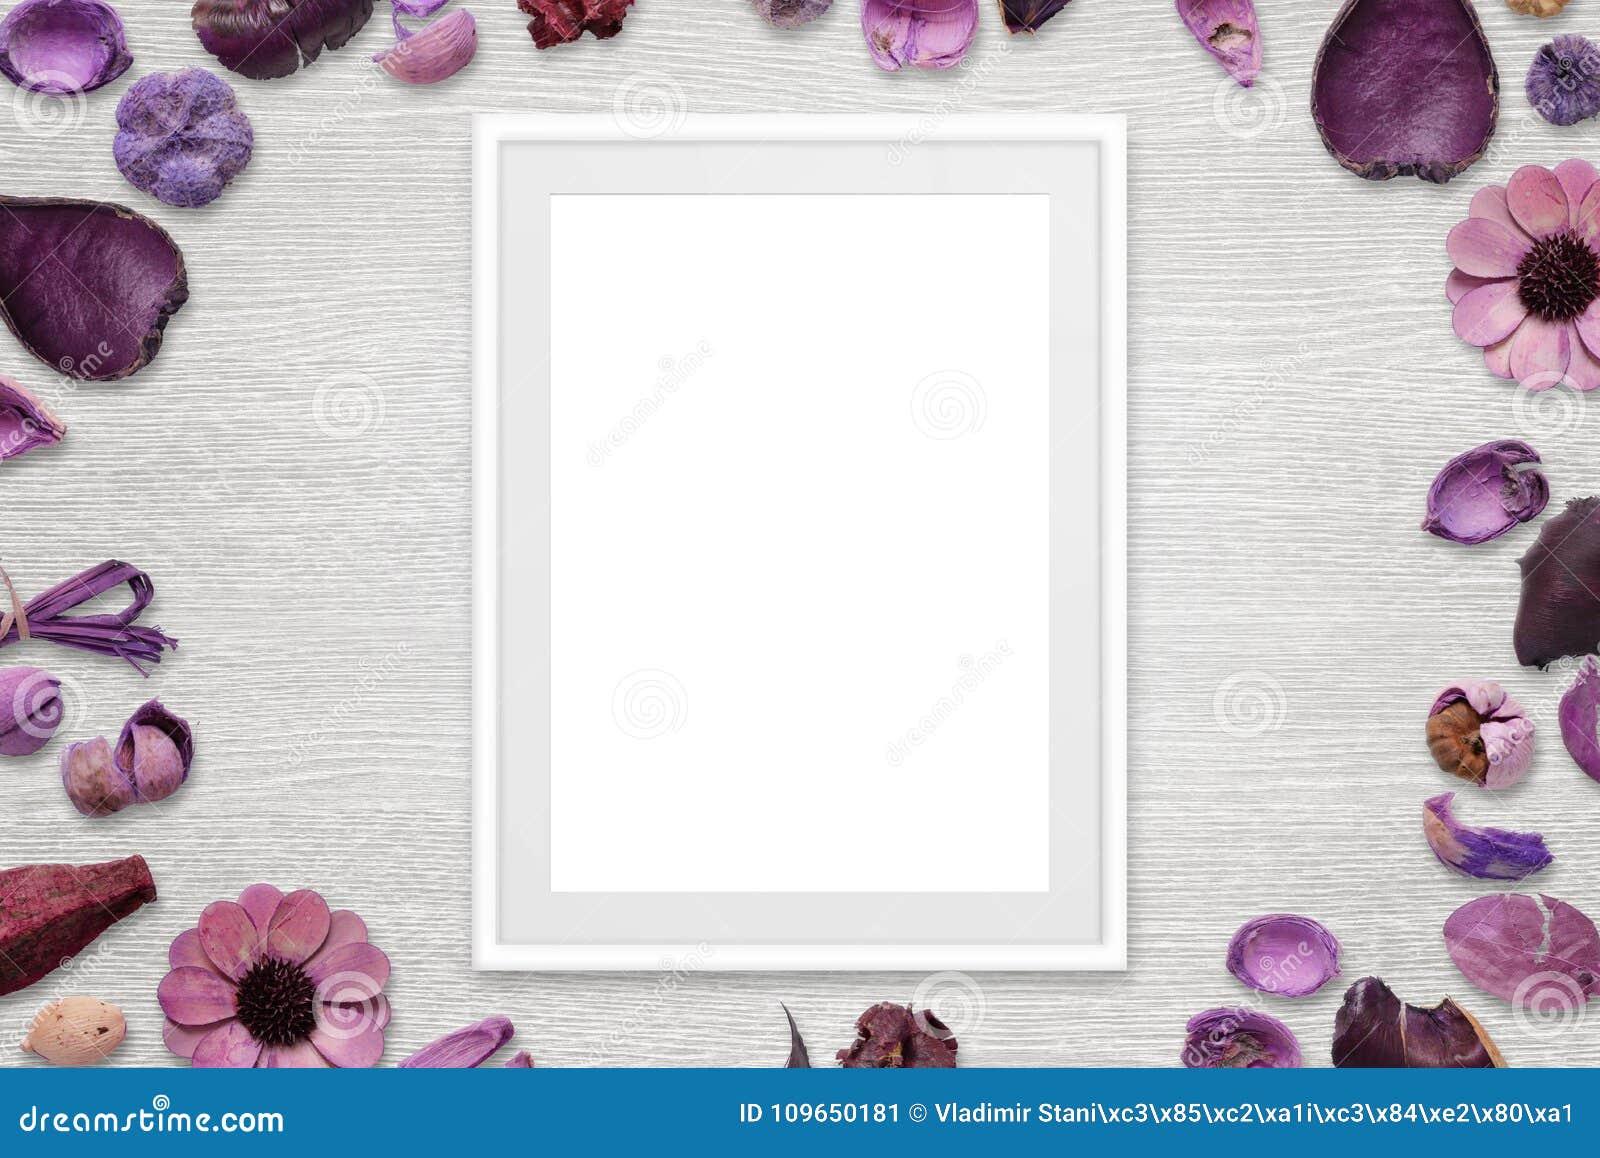 Omlijsting met geïsoleerde witte ruimte voor beeld of tekst